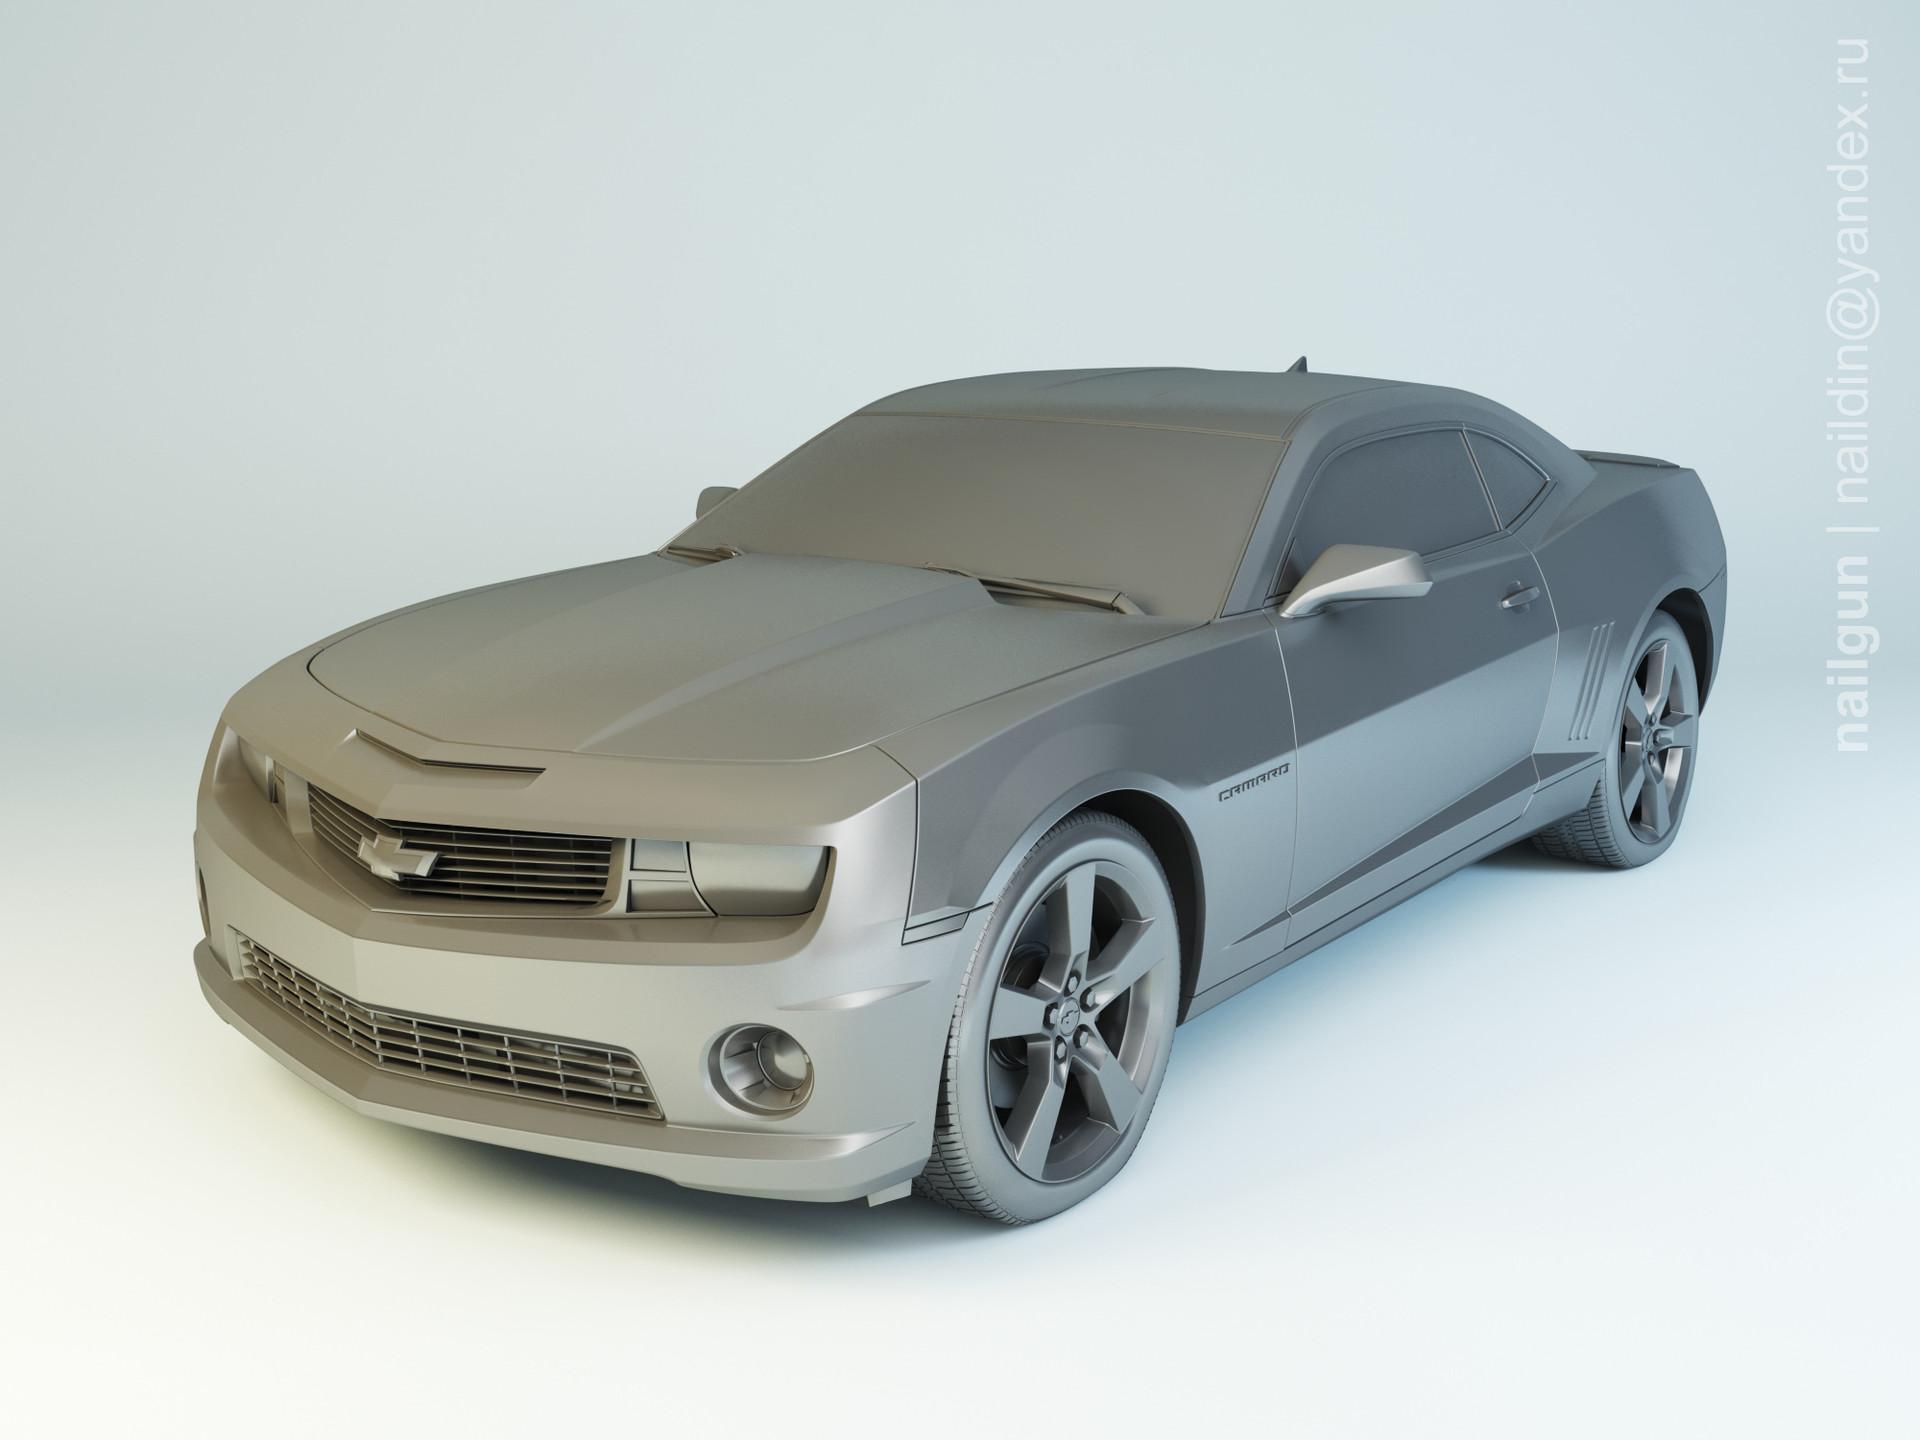 Nail khusnutdinov pwc 030 000 chevrolet camaro ss modelling 0